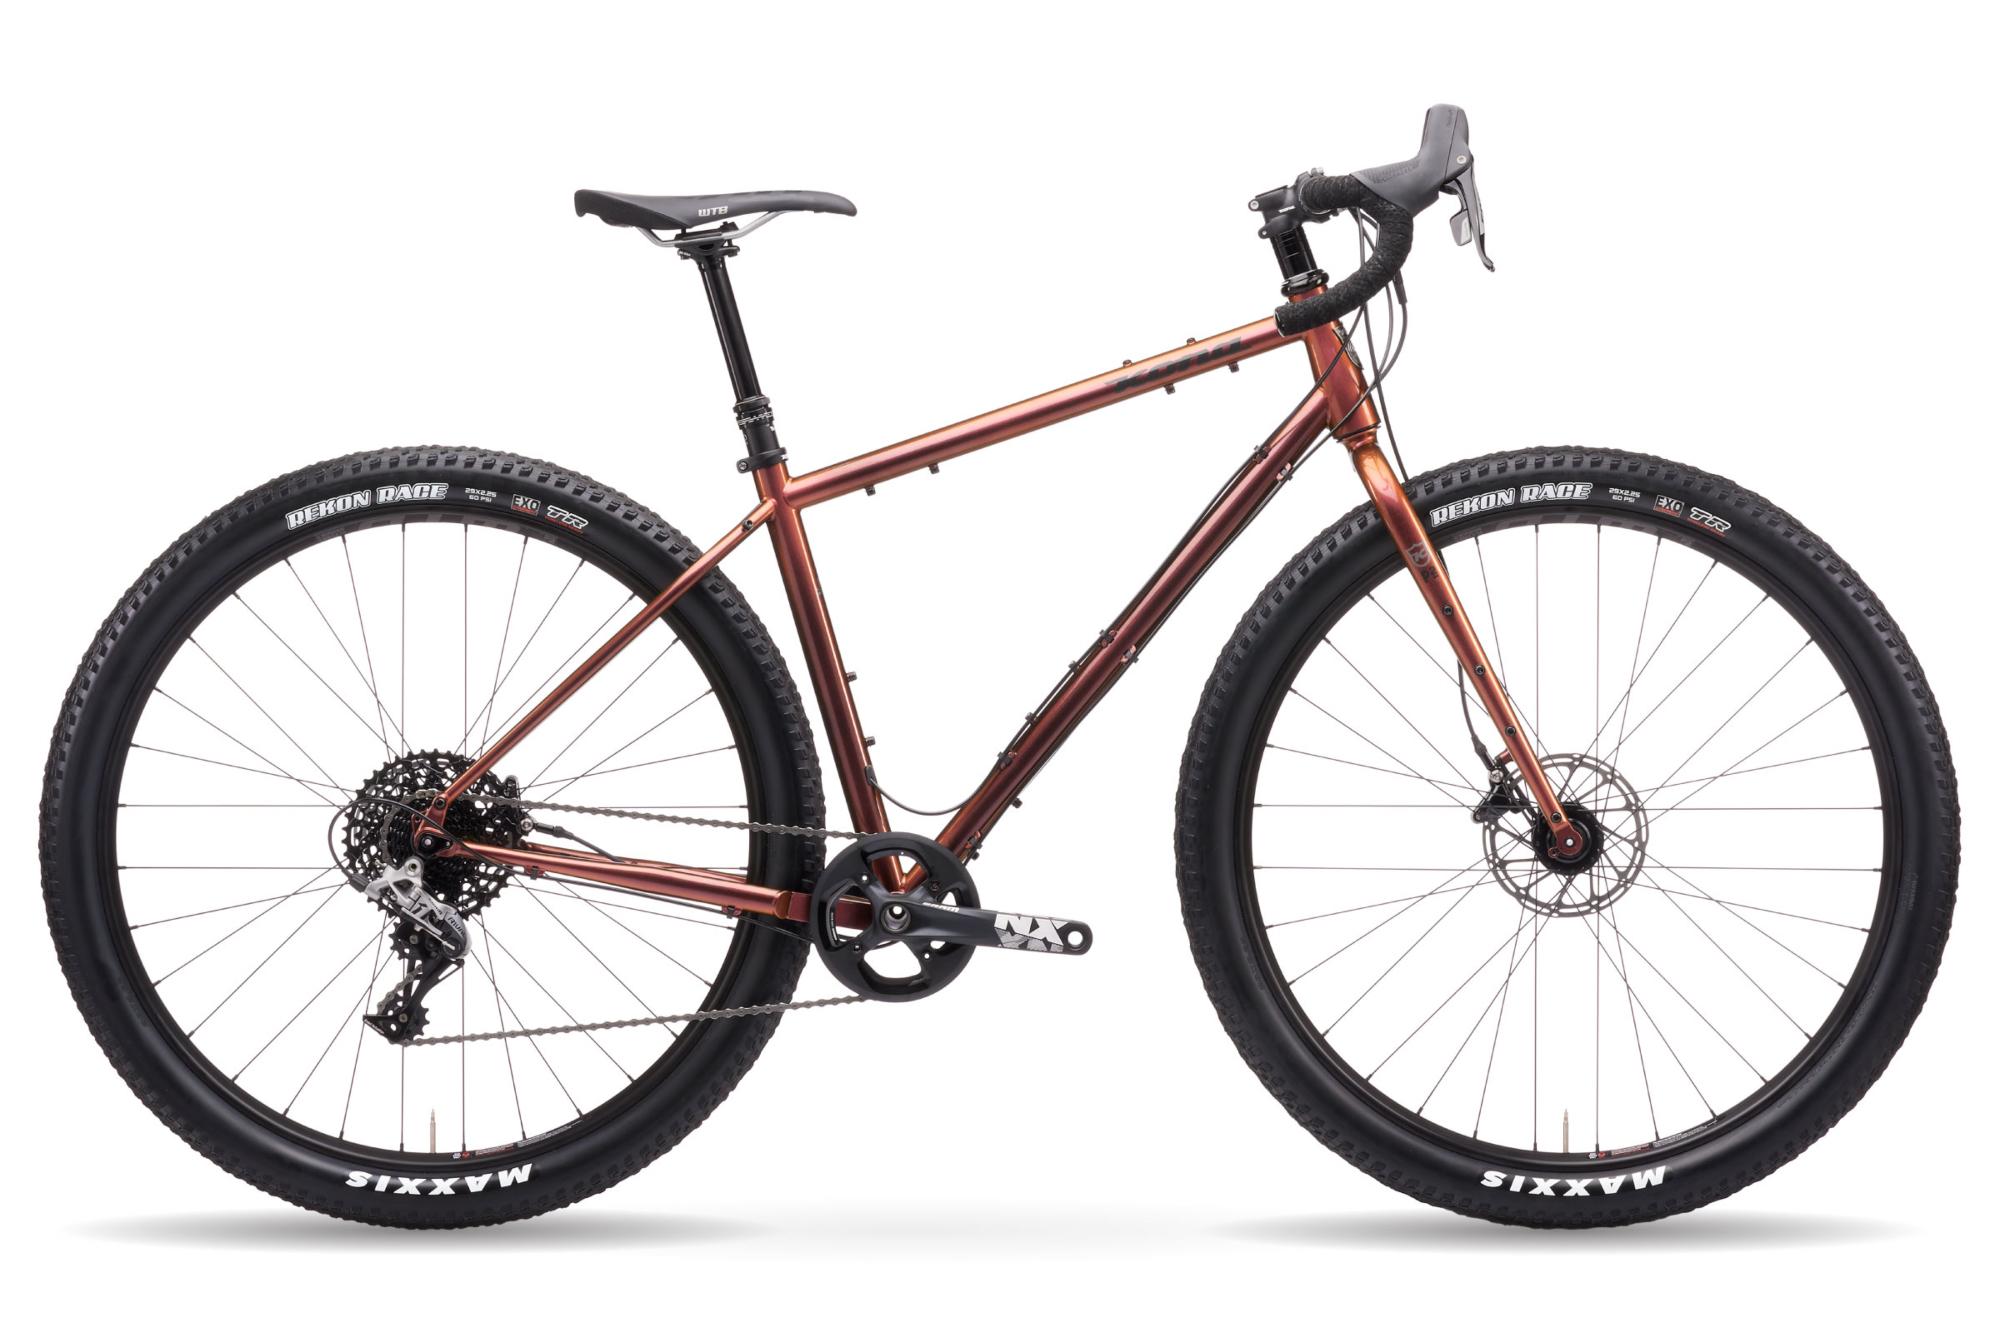 Kona bikes range